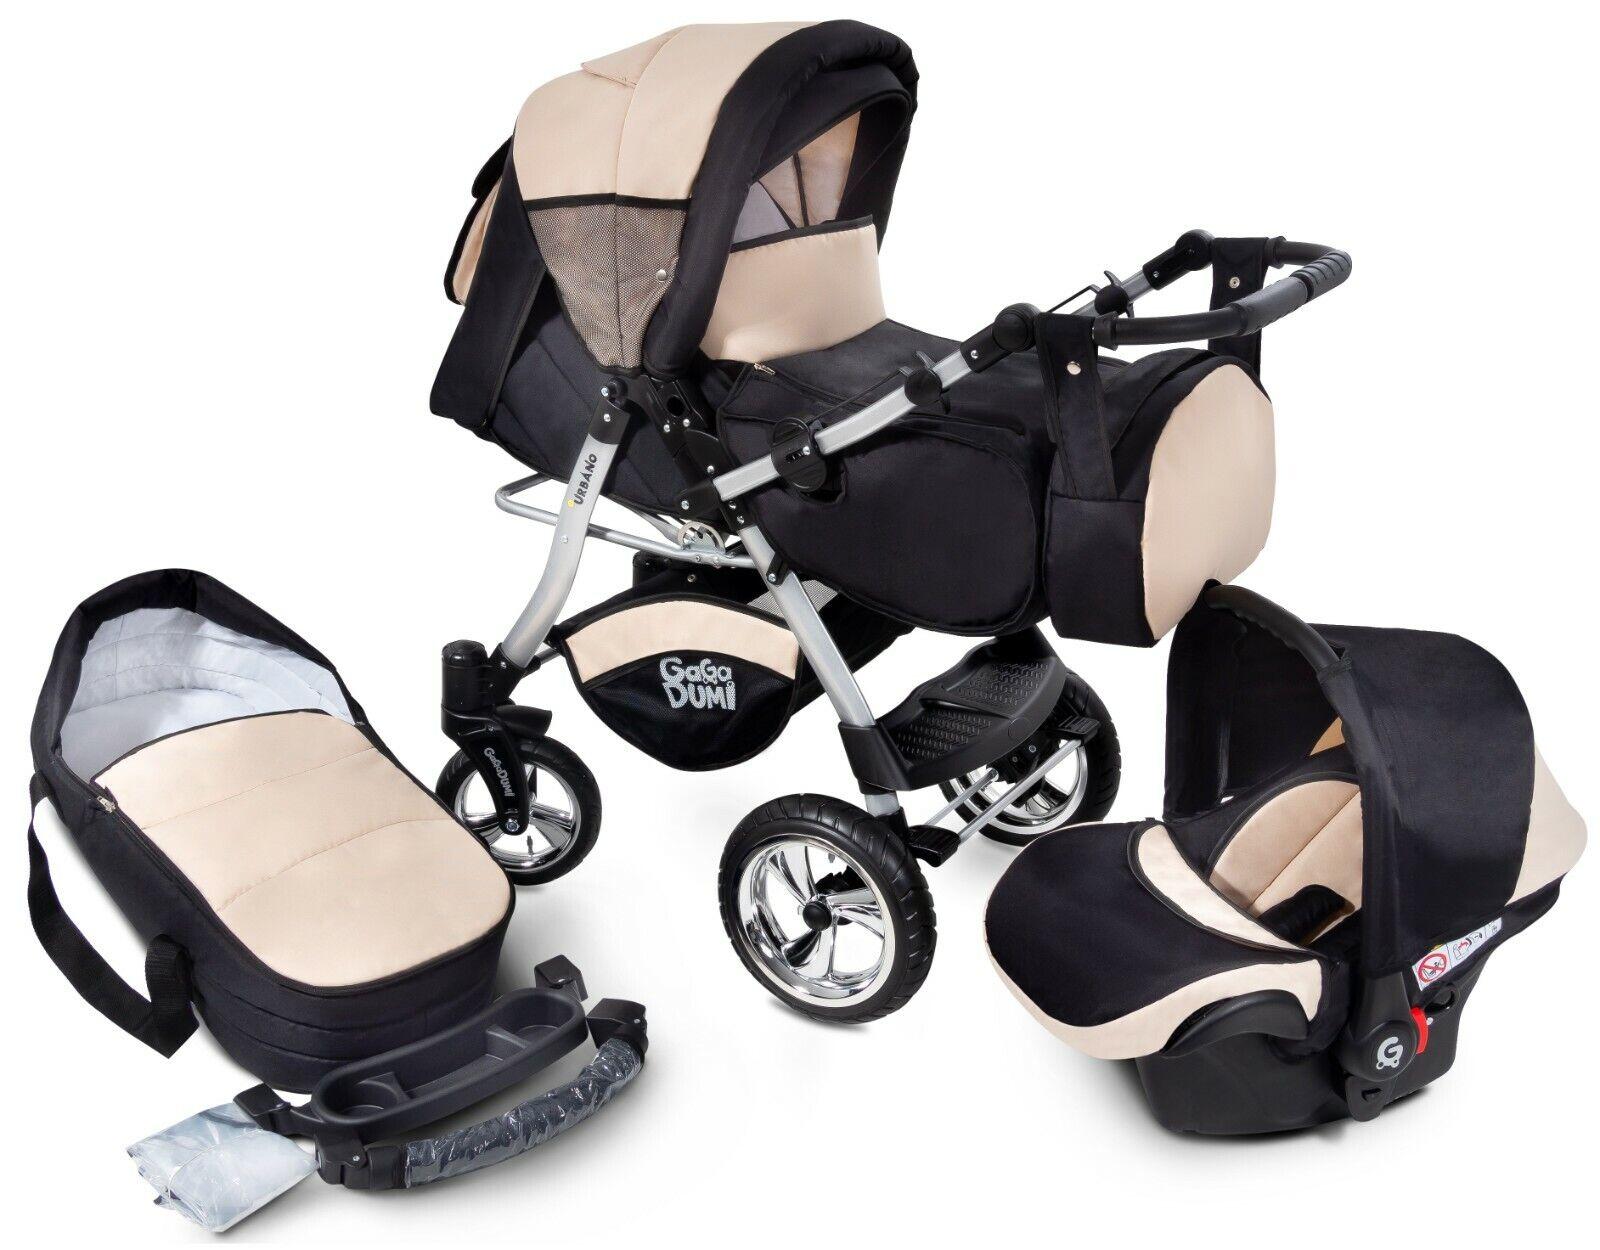 Urbano  Kombikinderwagen Kinderwagen Babyschale 3in1 System Autositz 20% SALE